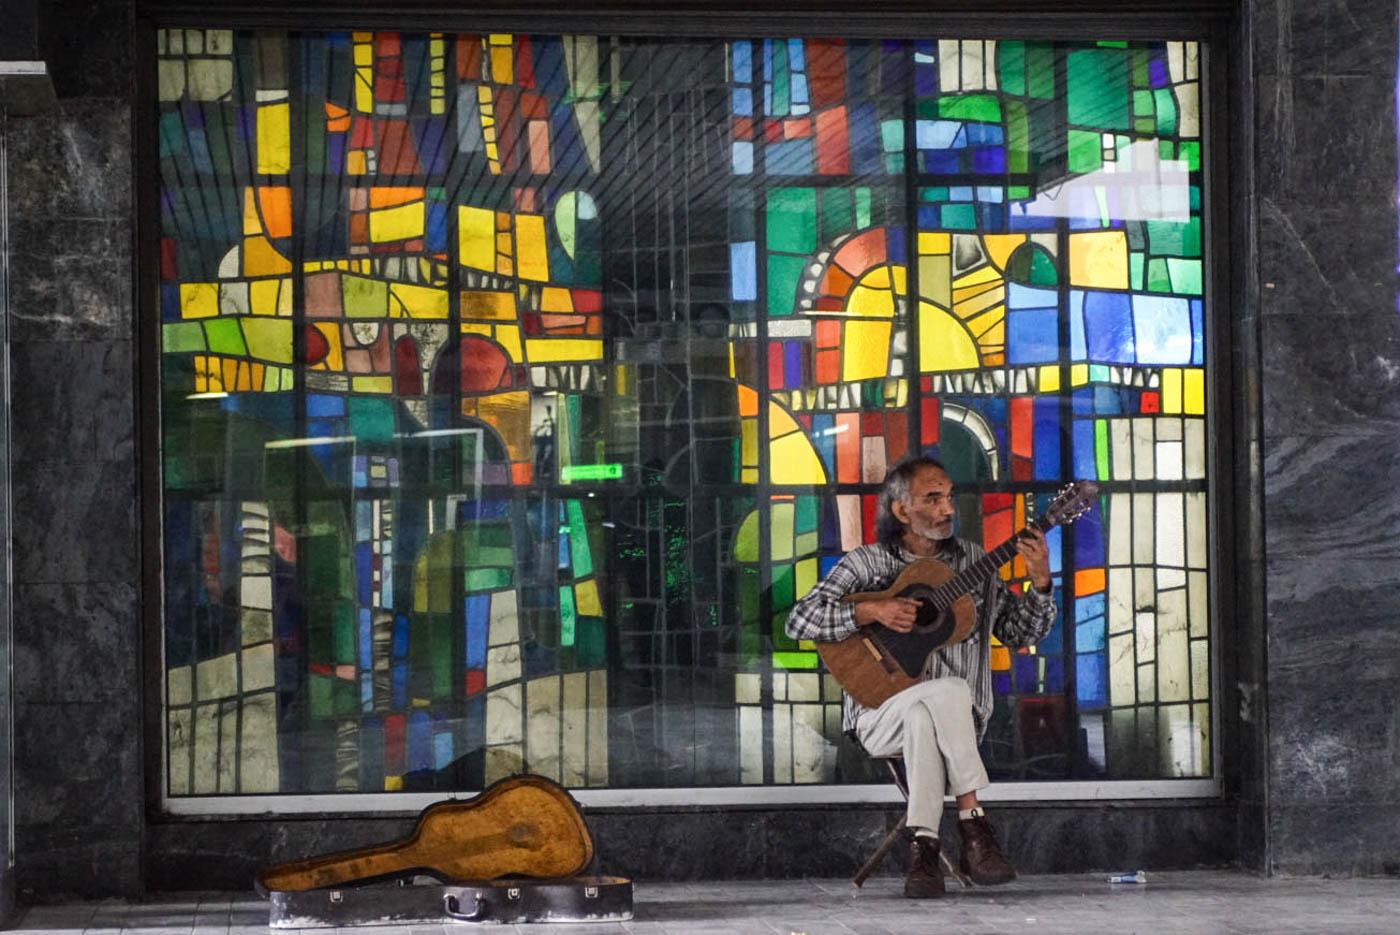 Zu sehen ist ein großes Buntglasfenster das an Hundertwasser erinnert, davor sitzt ein Straßenmusikant und spielt Gitarre